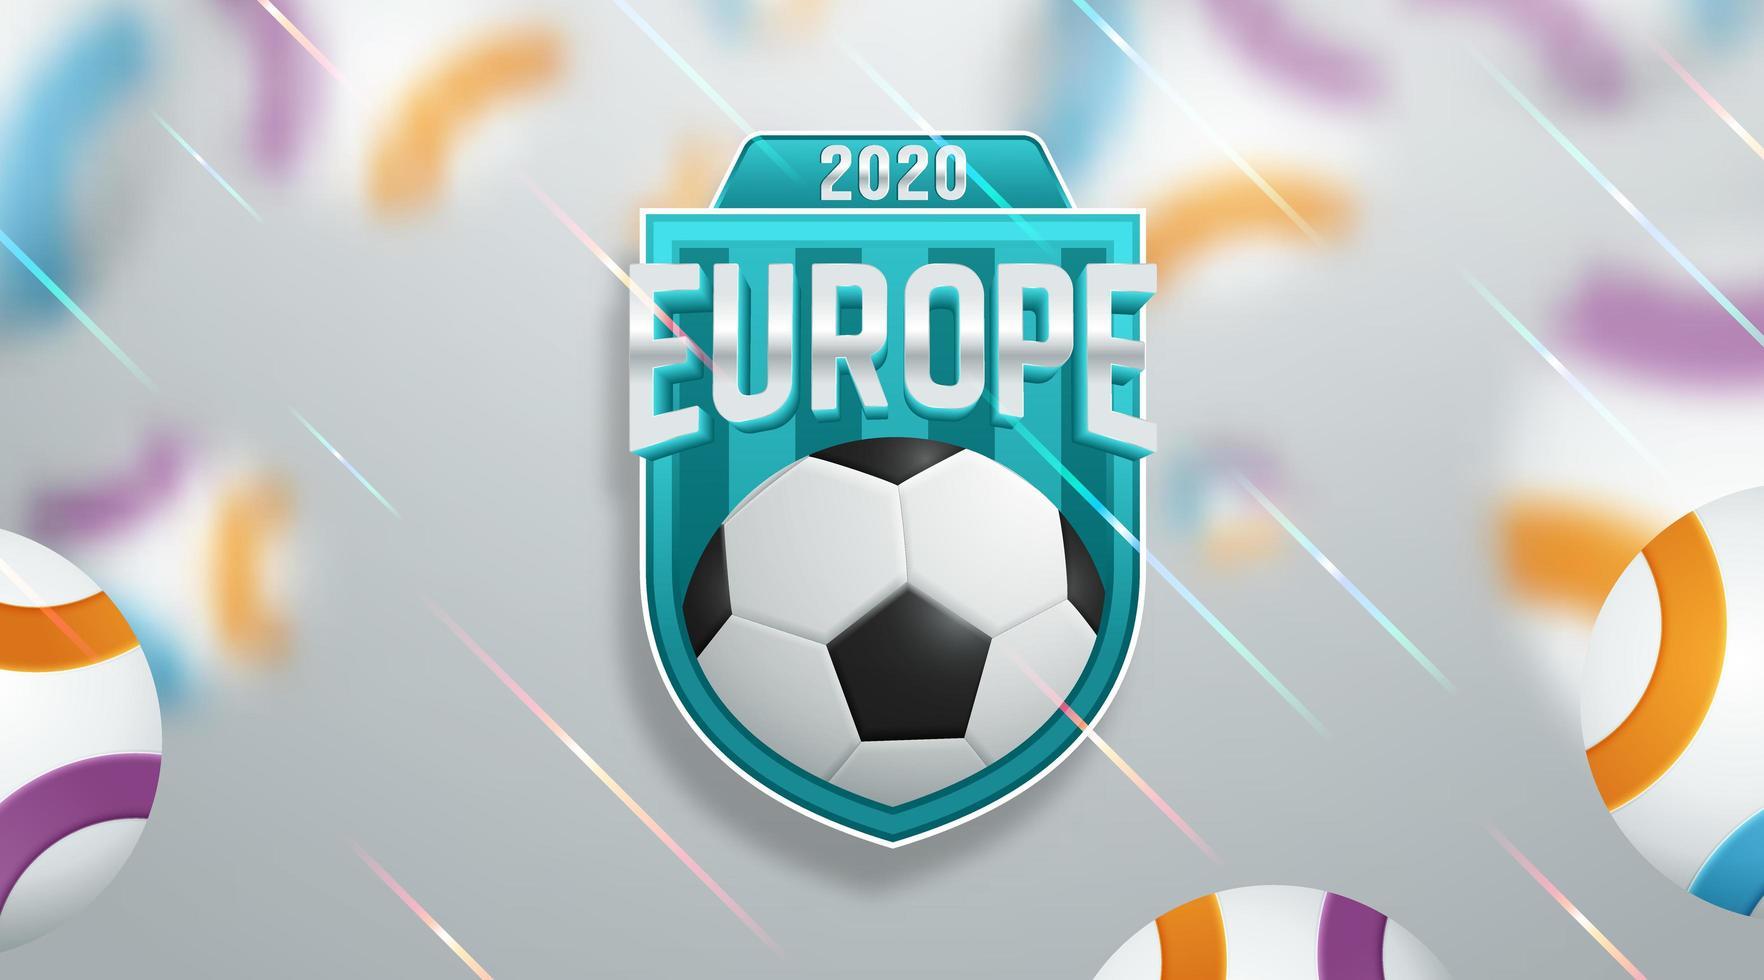 kleurrijke voetbal Europa kampioenschap 2020 poster vector